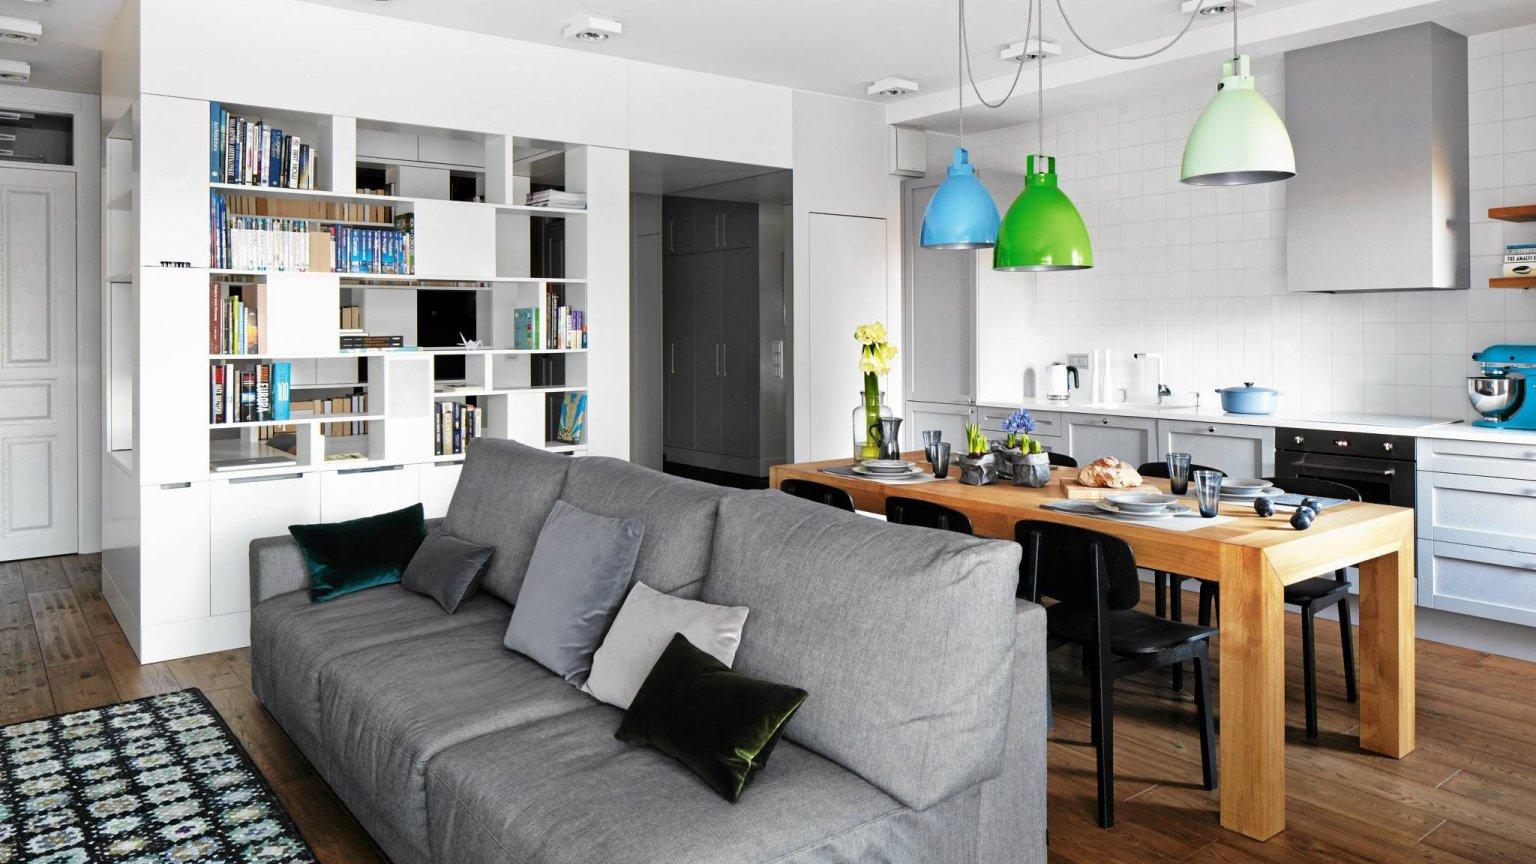 Kuchnia otwarta na salon Jak stworzyć przyjazną przestrzeń -> Kuchnia Szeroko Otwarta Domowe Wedliny